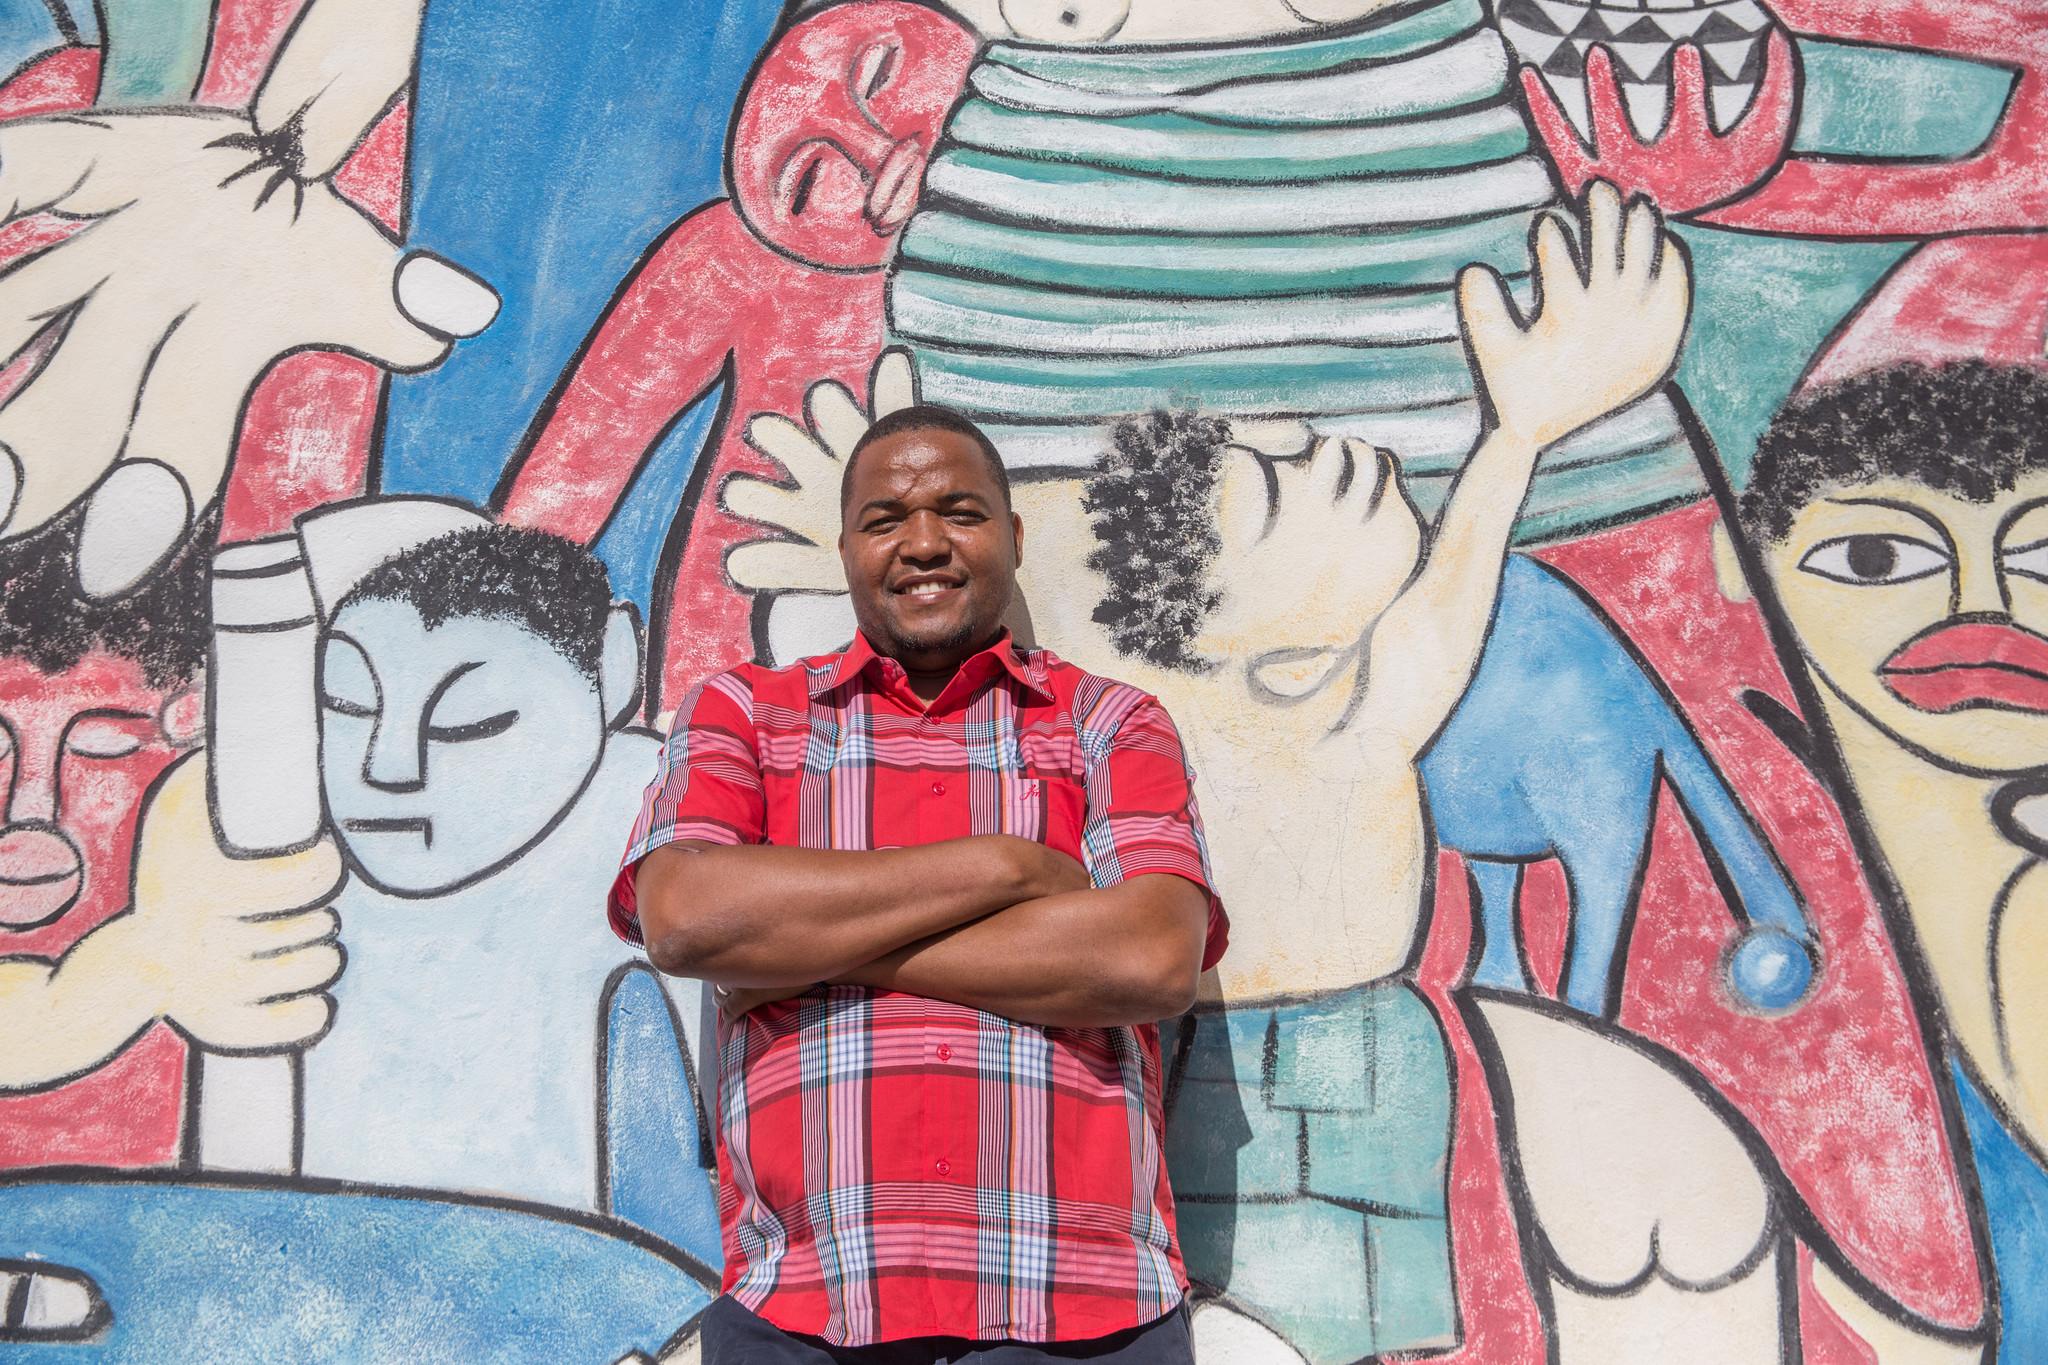 MOÇAMBIQUE Issufo no mural do artista Malangatana 2.jpg